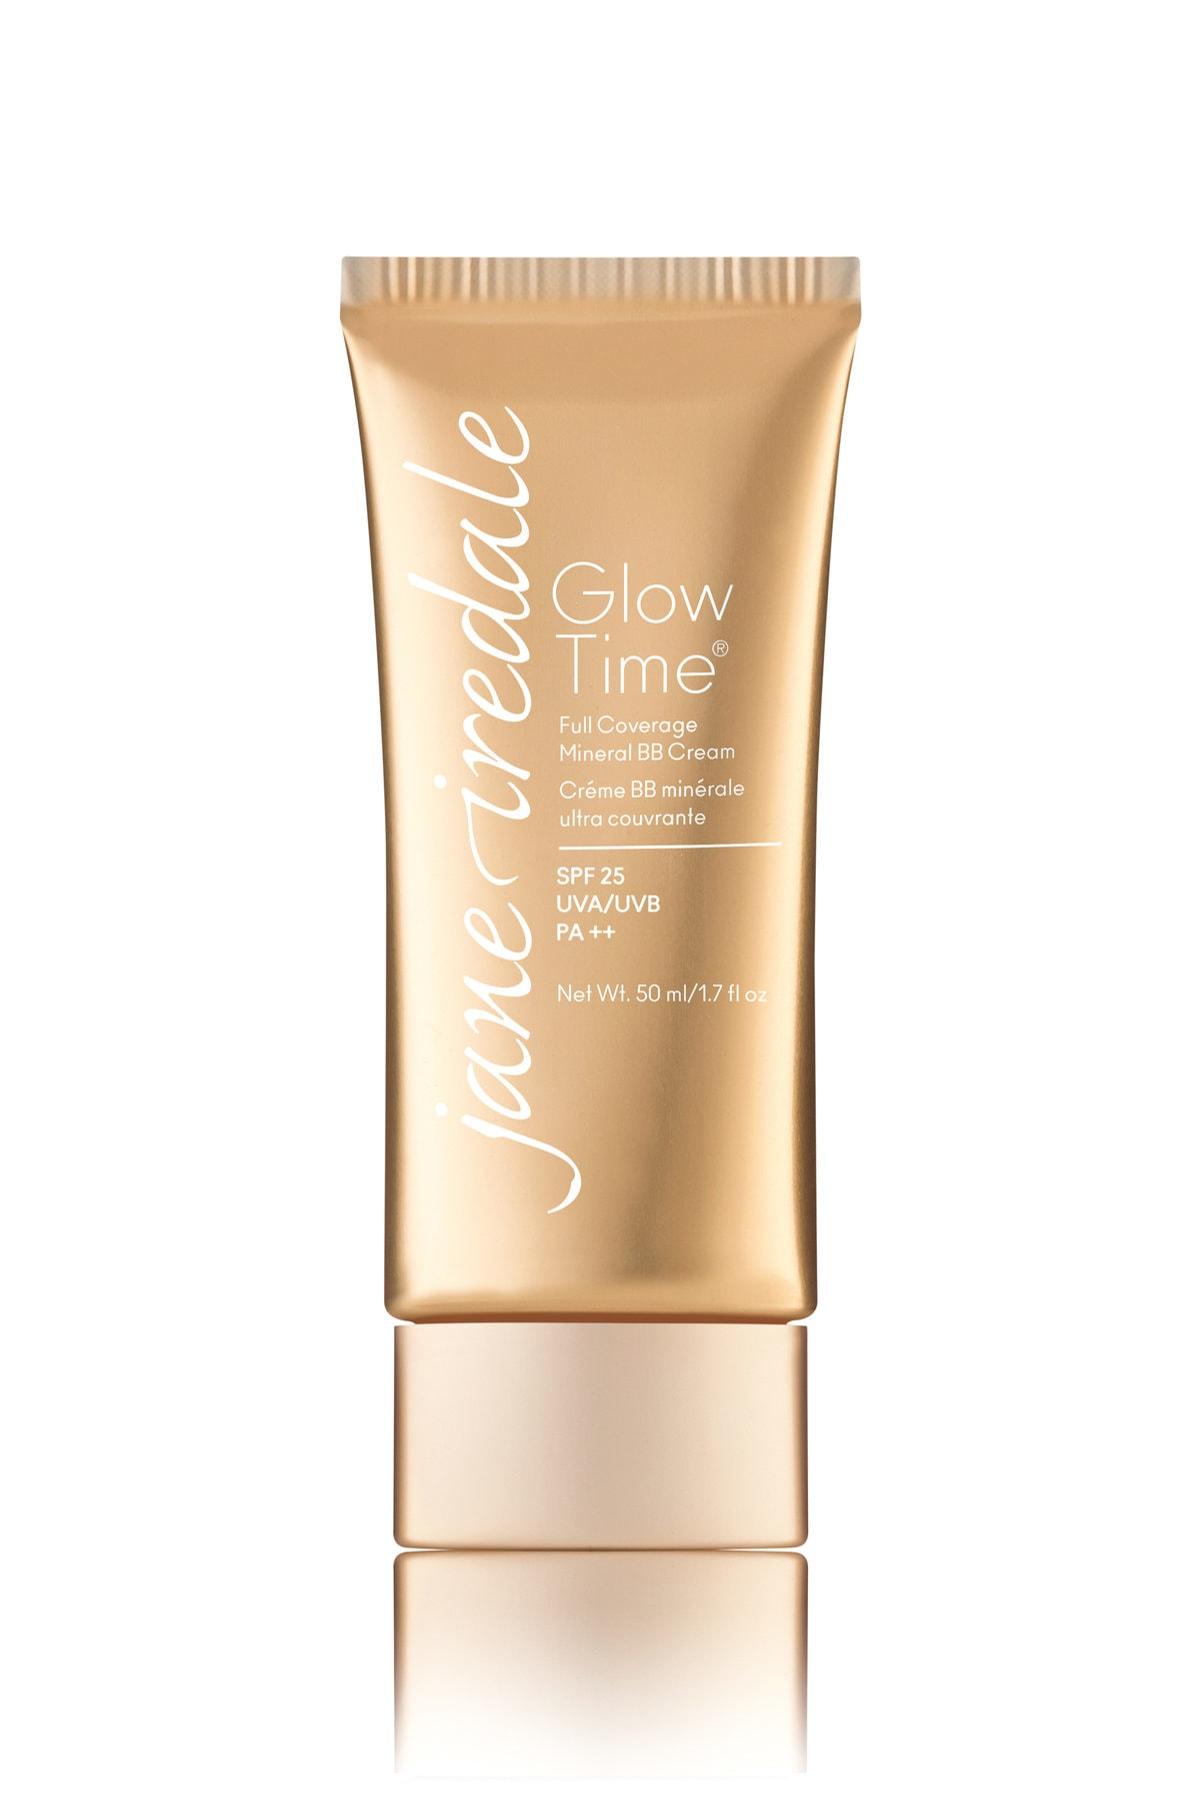 Mineral BB Kapatıcı - Glow Time Full Covarage Mineral BB Cream Spf 25 BB9 50 ml 670959120397